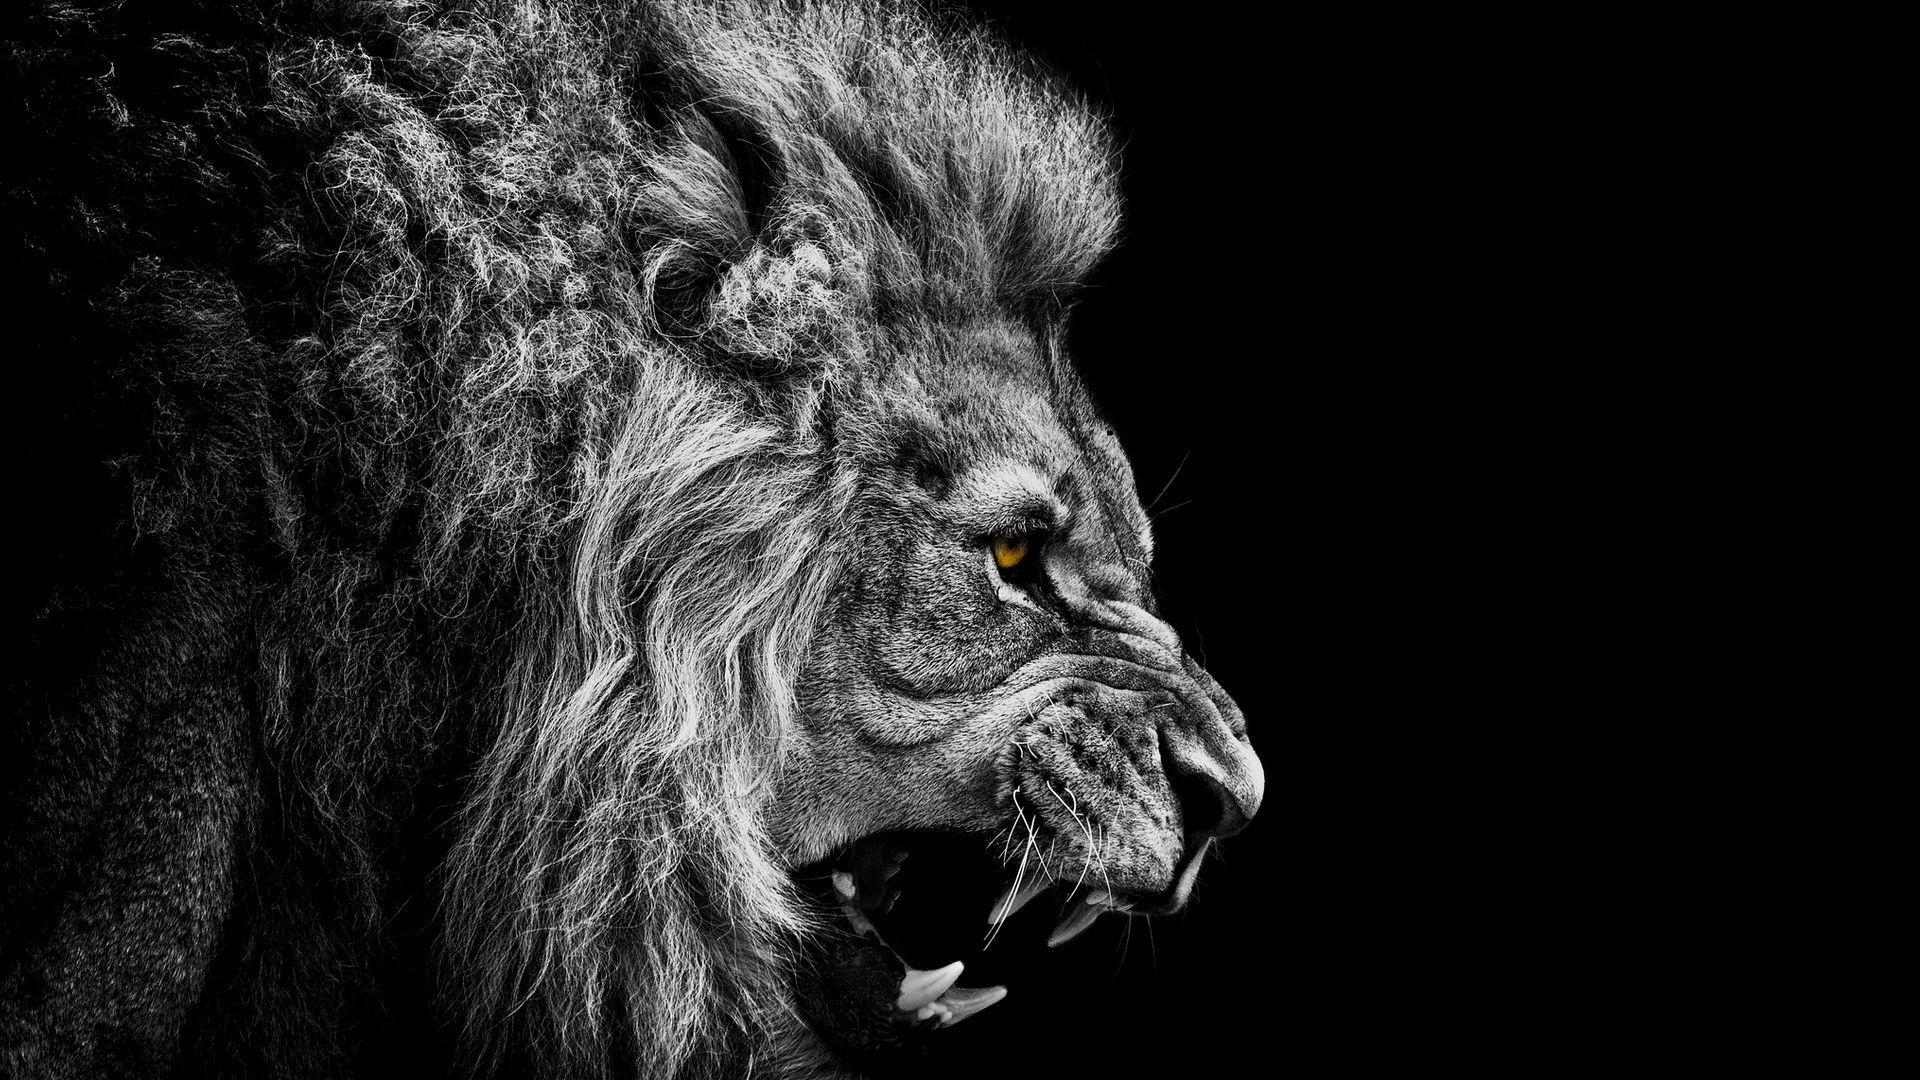 Fierce Lion Wallpaper